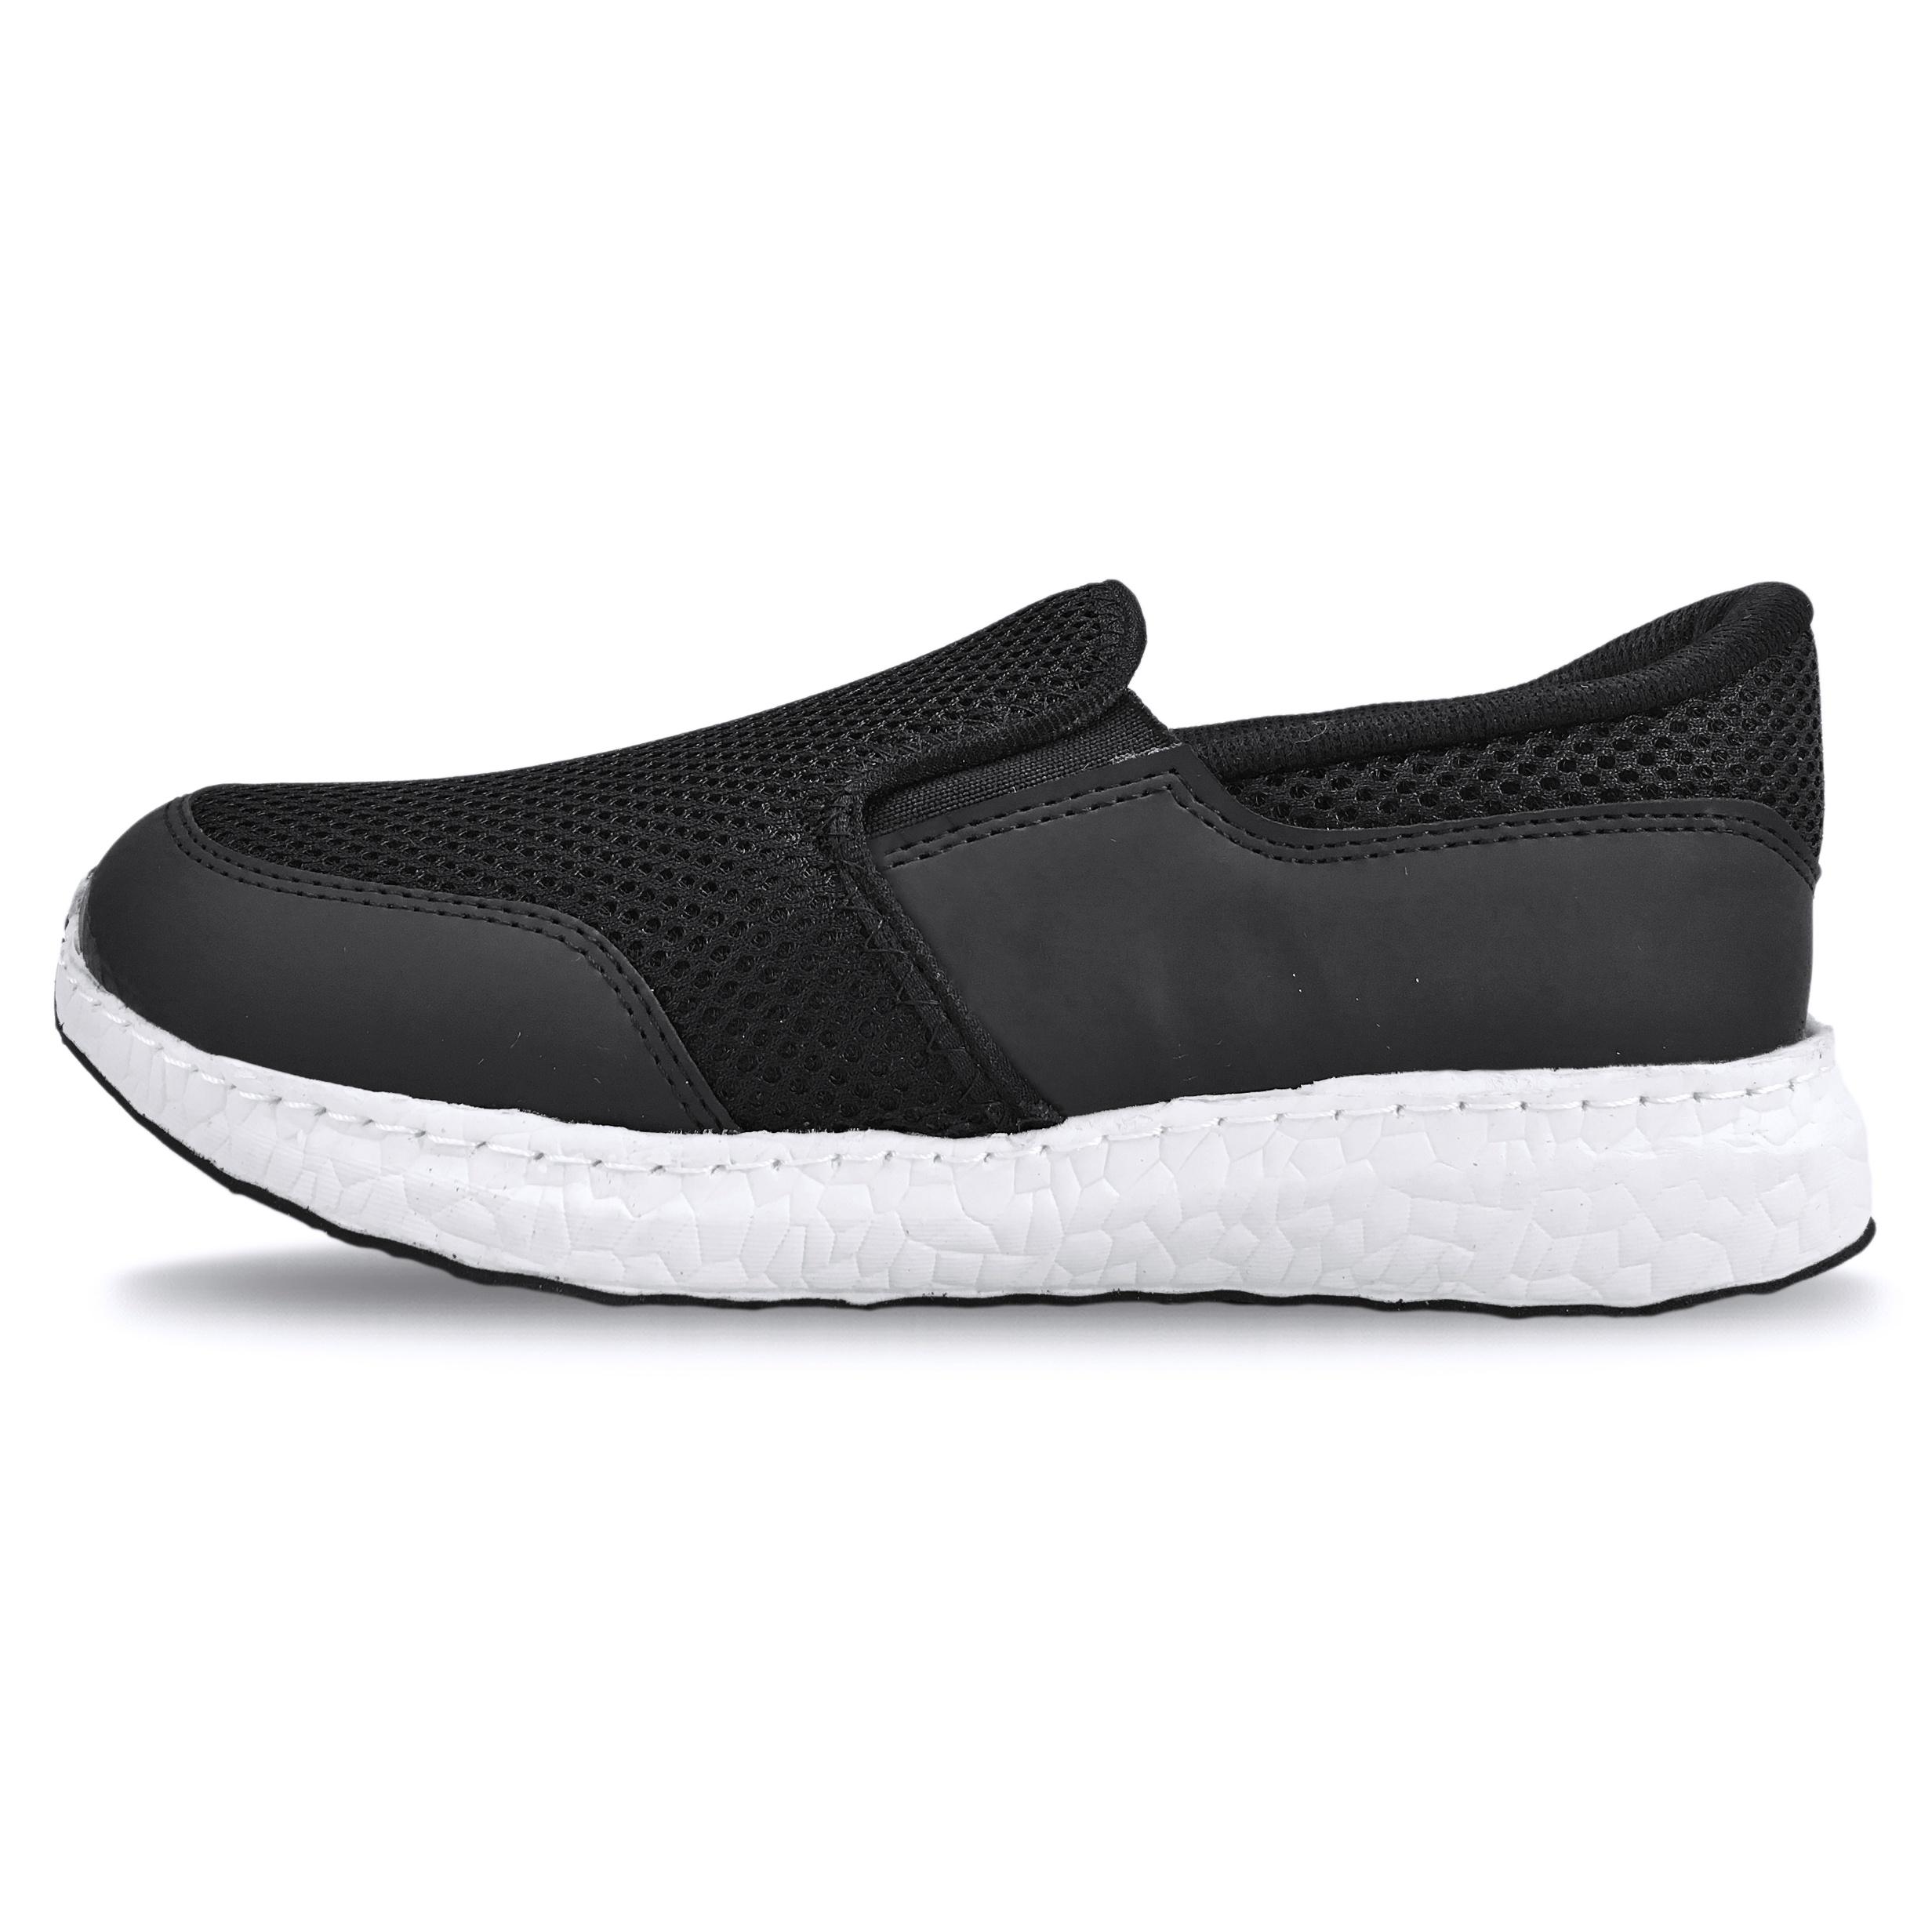 کفش مخصوص پیاده روی زنانه مدل ونیز کد 3623